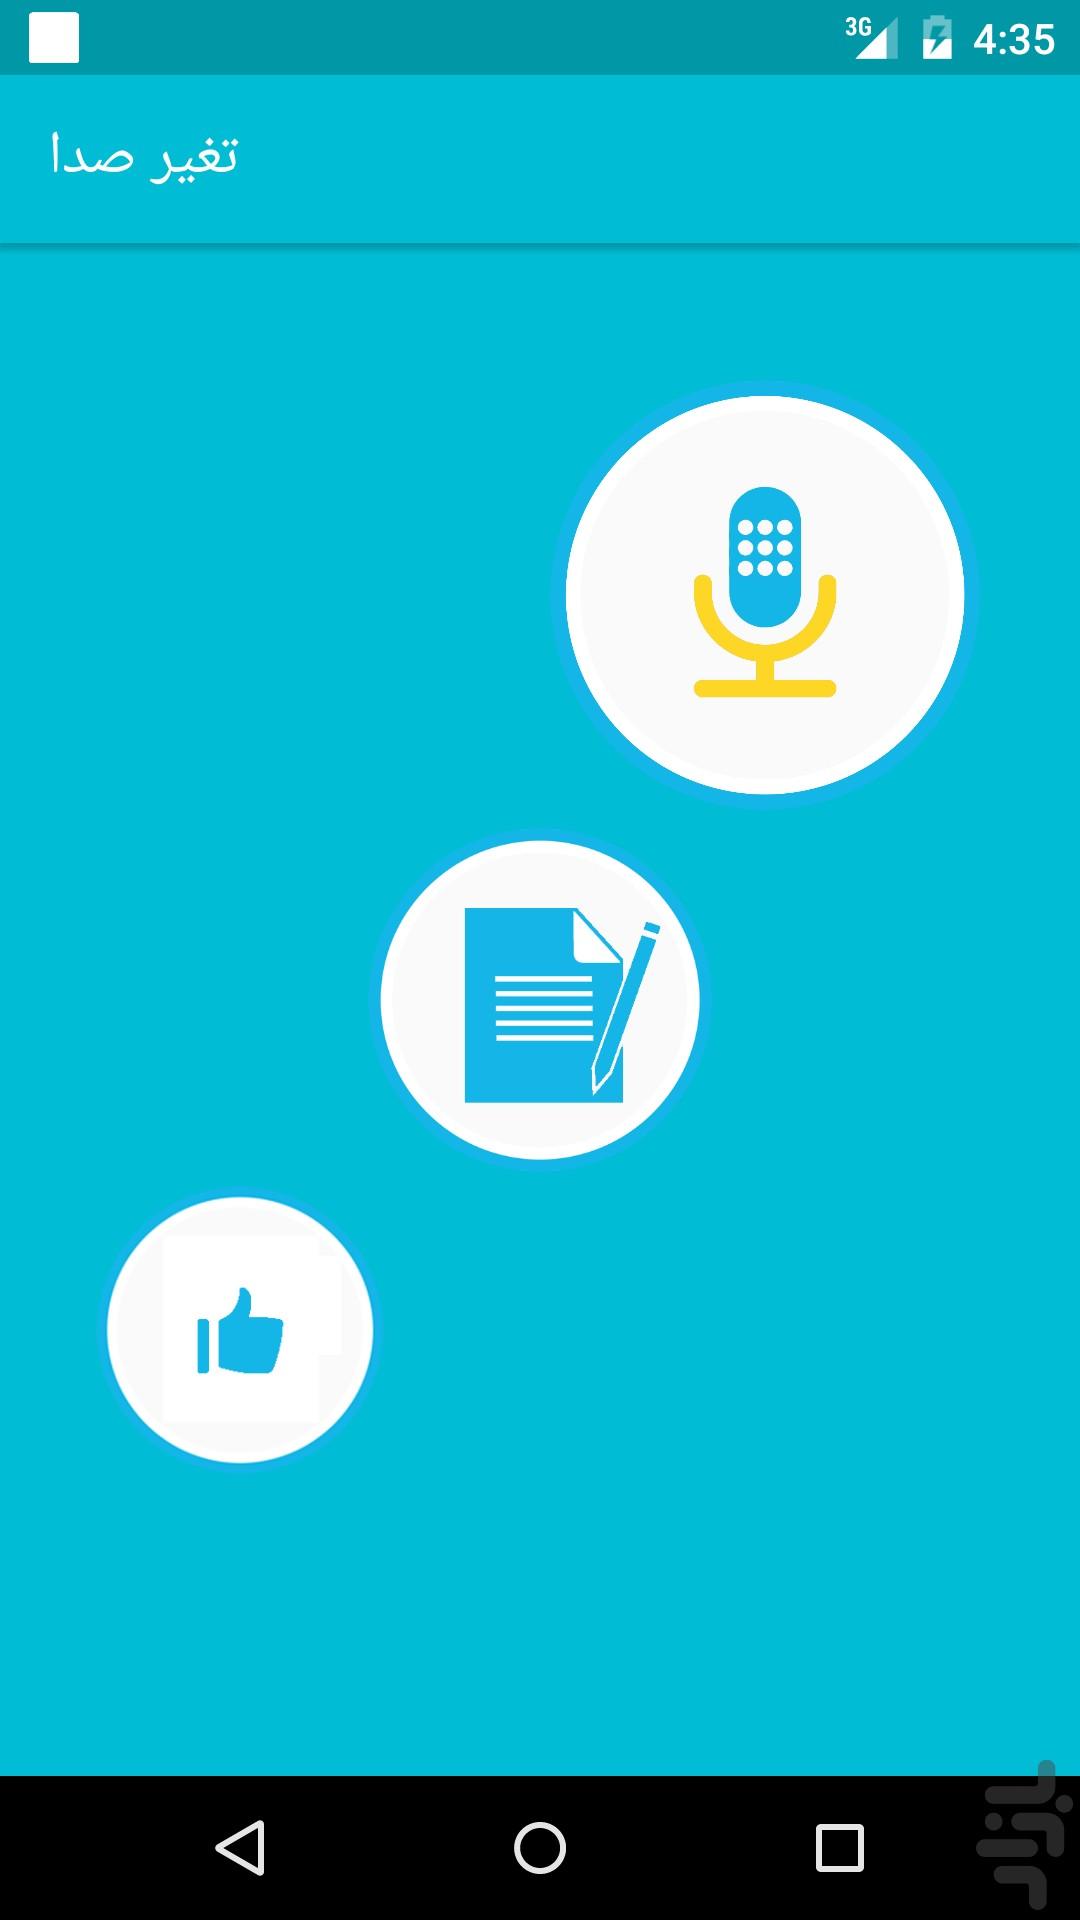 مخاطبب ختری در تلگرام Скачать تیمچه24 (فروش در تلگرام.اینستاگرام) APK 1.0.5 для Андроид - другое скачать бесплатно.